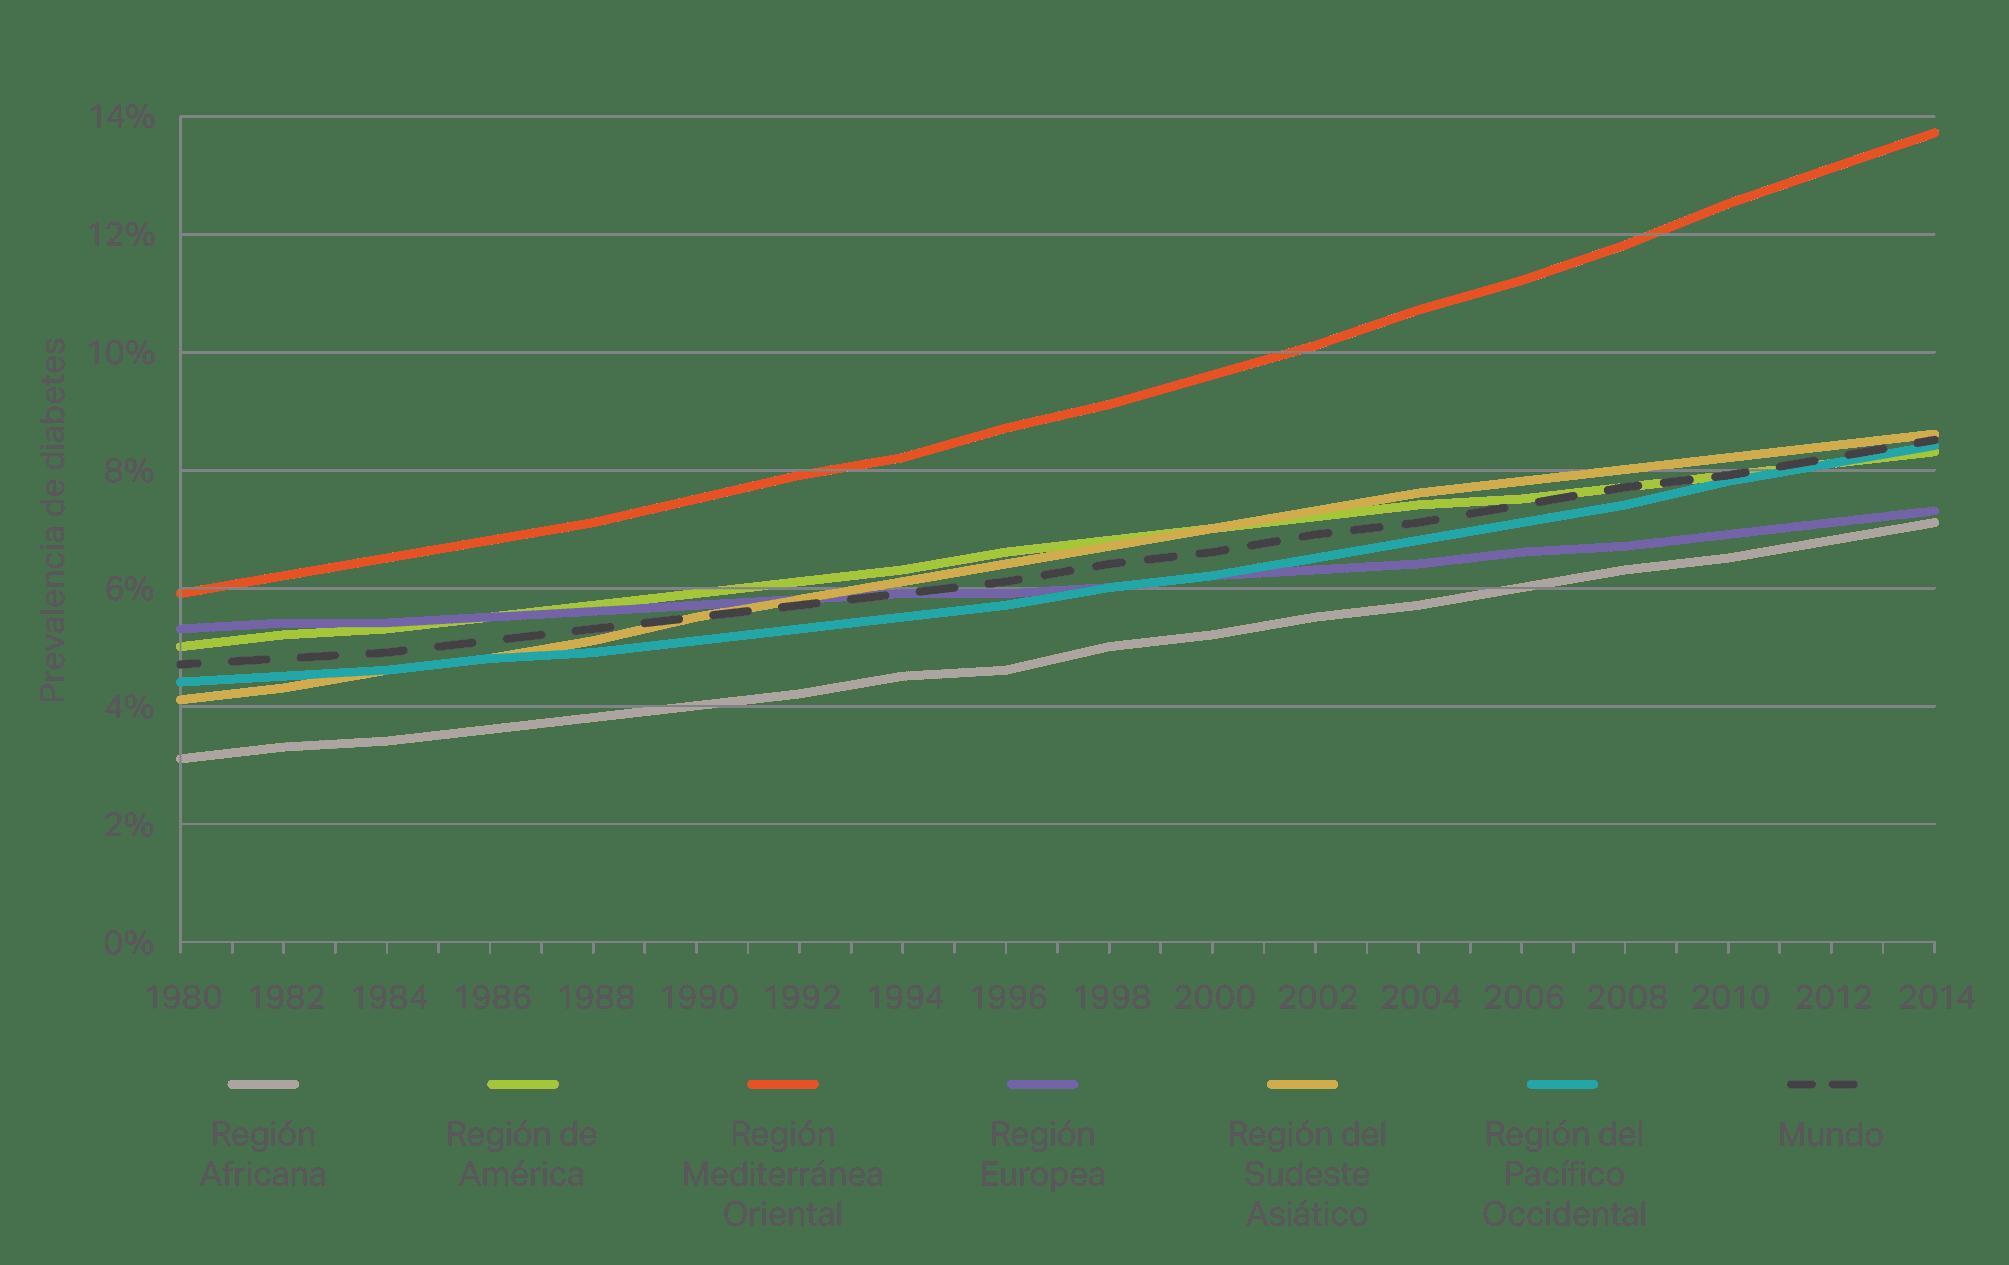 estadísticas de diabetes en singapur 2020